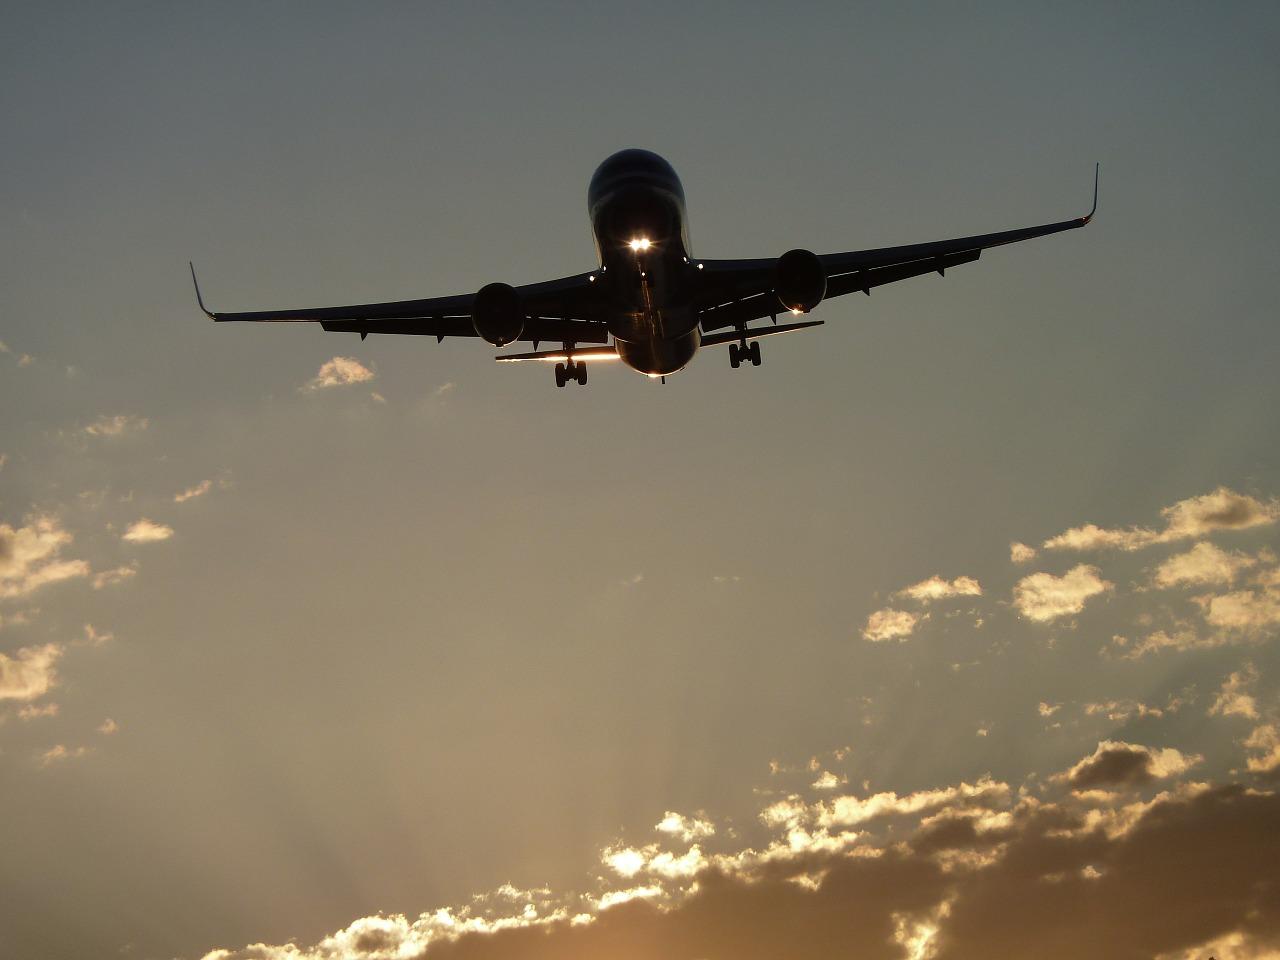 avion-transport-sur-2017-geektouristique